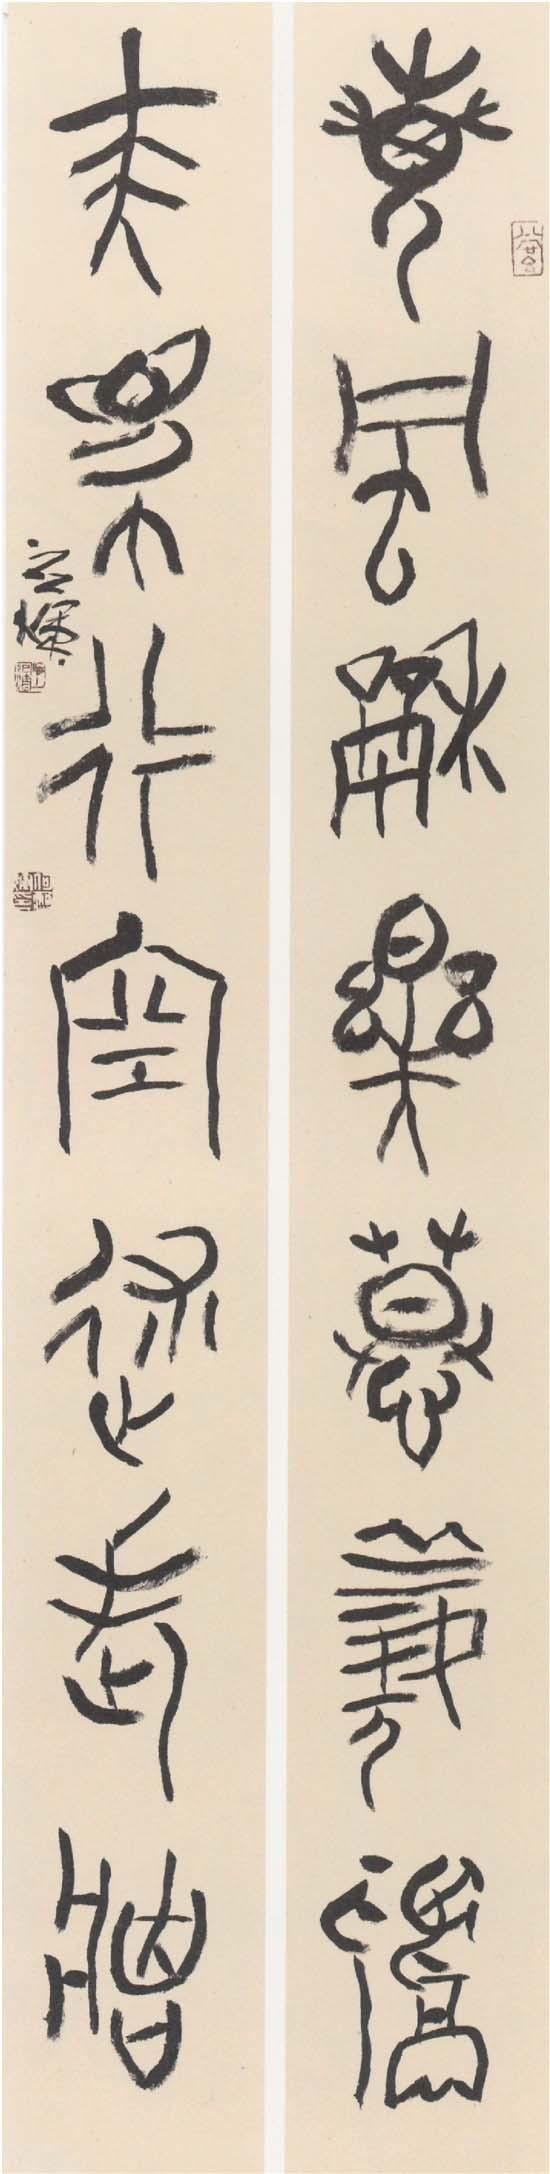 何应辉(中国书协顾问) 书法